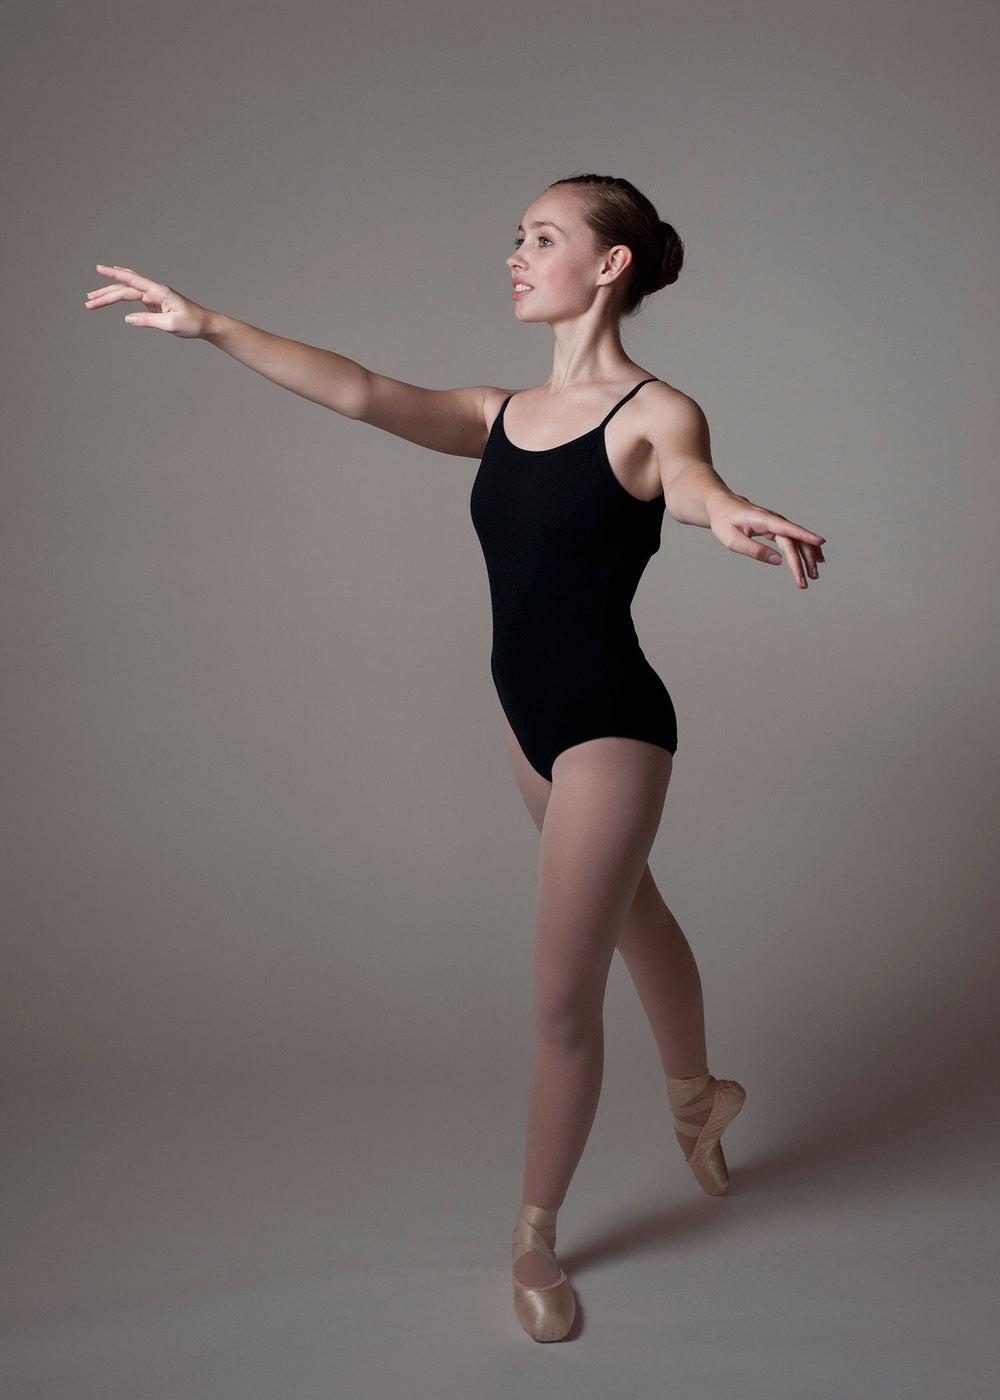 Rachel Nevin, ballet dancer